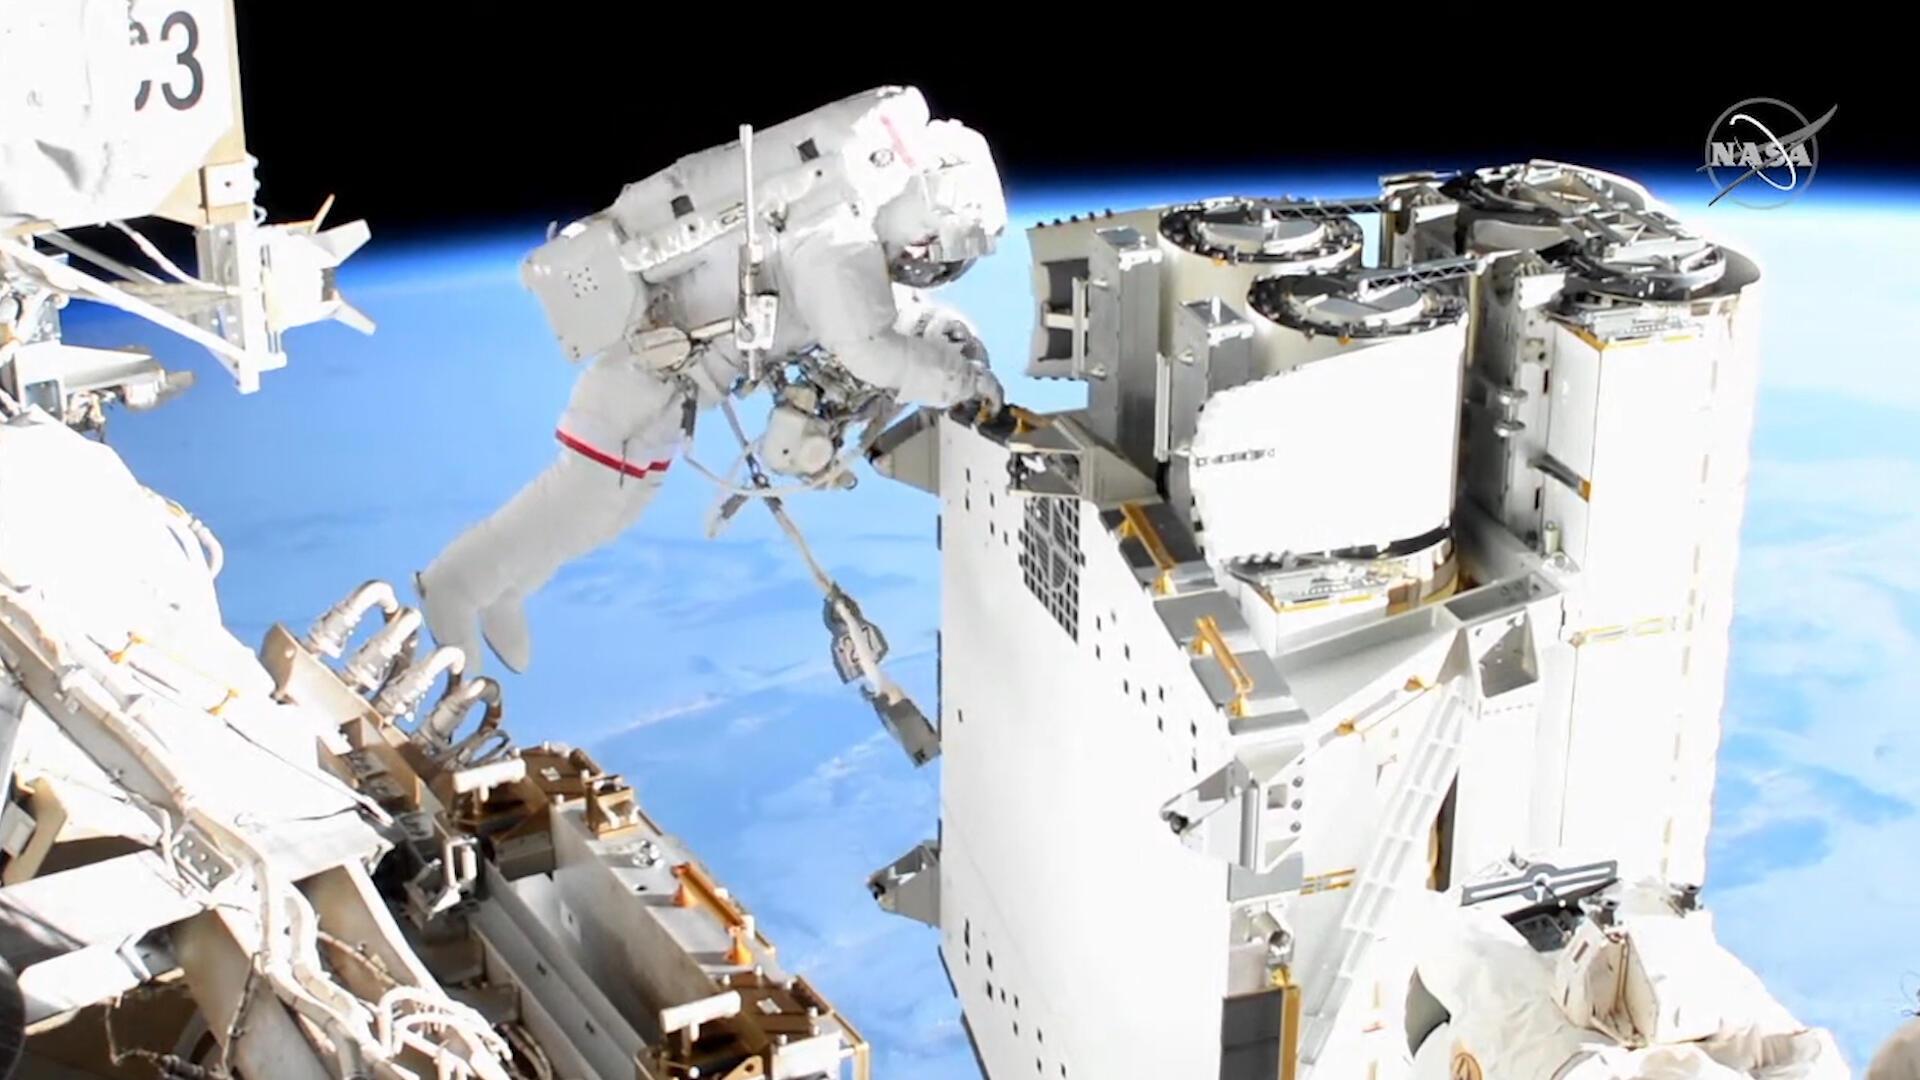 Pesquet Thomas NASA